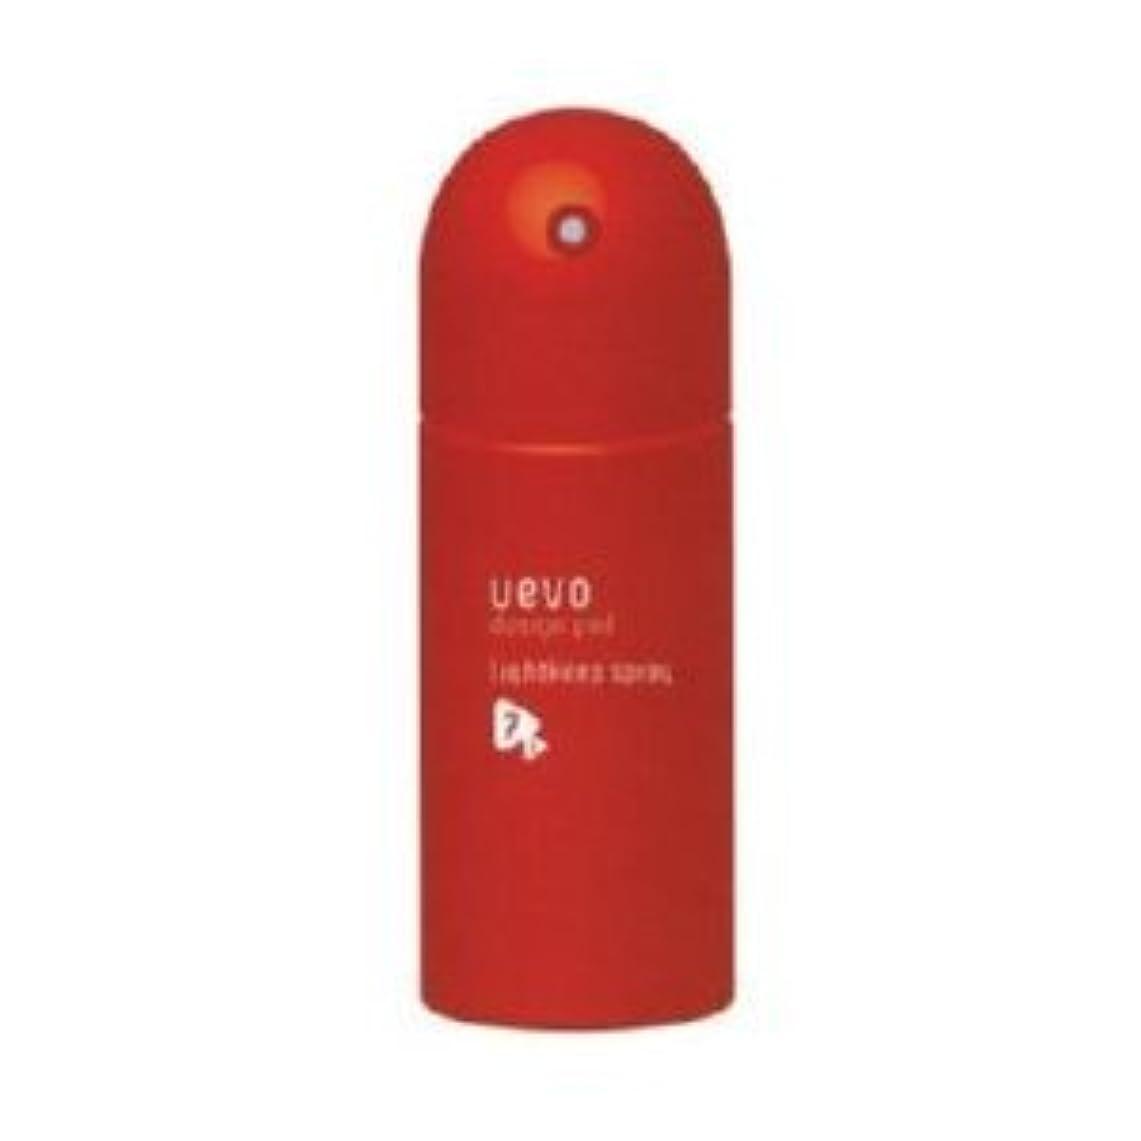 モルヒネリスキーなどんなときも【X2個セット】 デミ ウェーボ デザインポッド ライトキープスプレー 220ml lightkeep spray DEMI uevo design pod